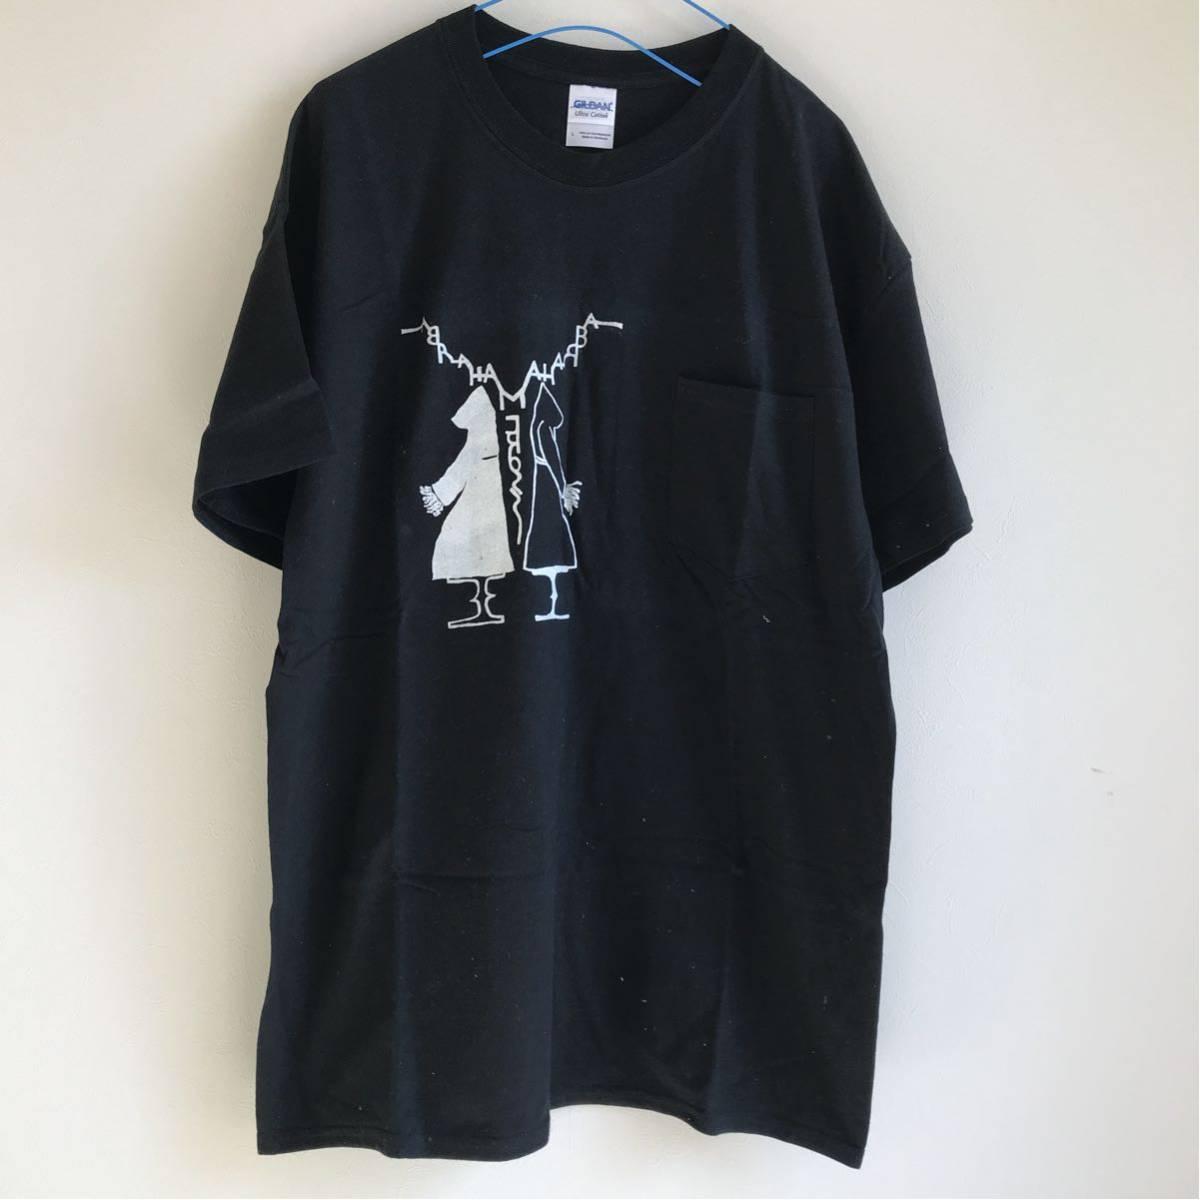 ABRAHAM CROSS アブラハムクロス Tシャツ (検索 OLEDICKFOGGY オールディックフォギー crust)